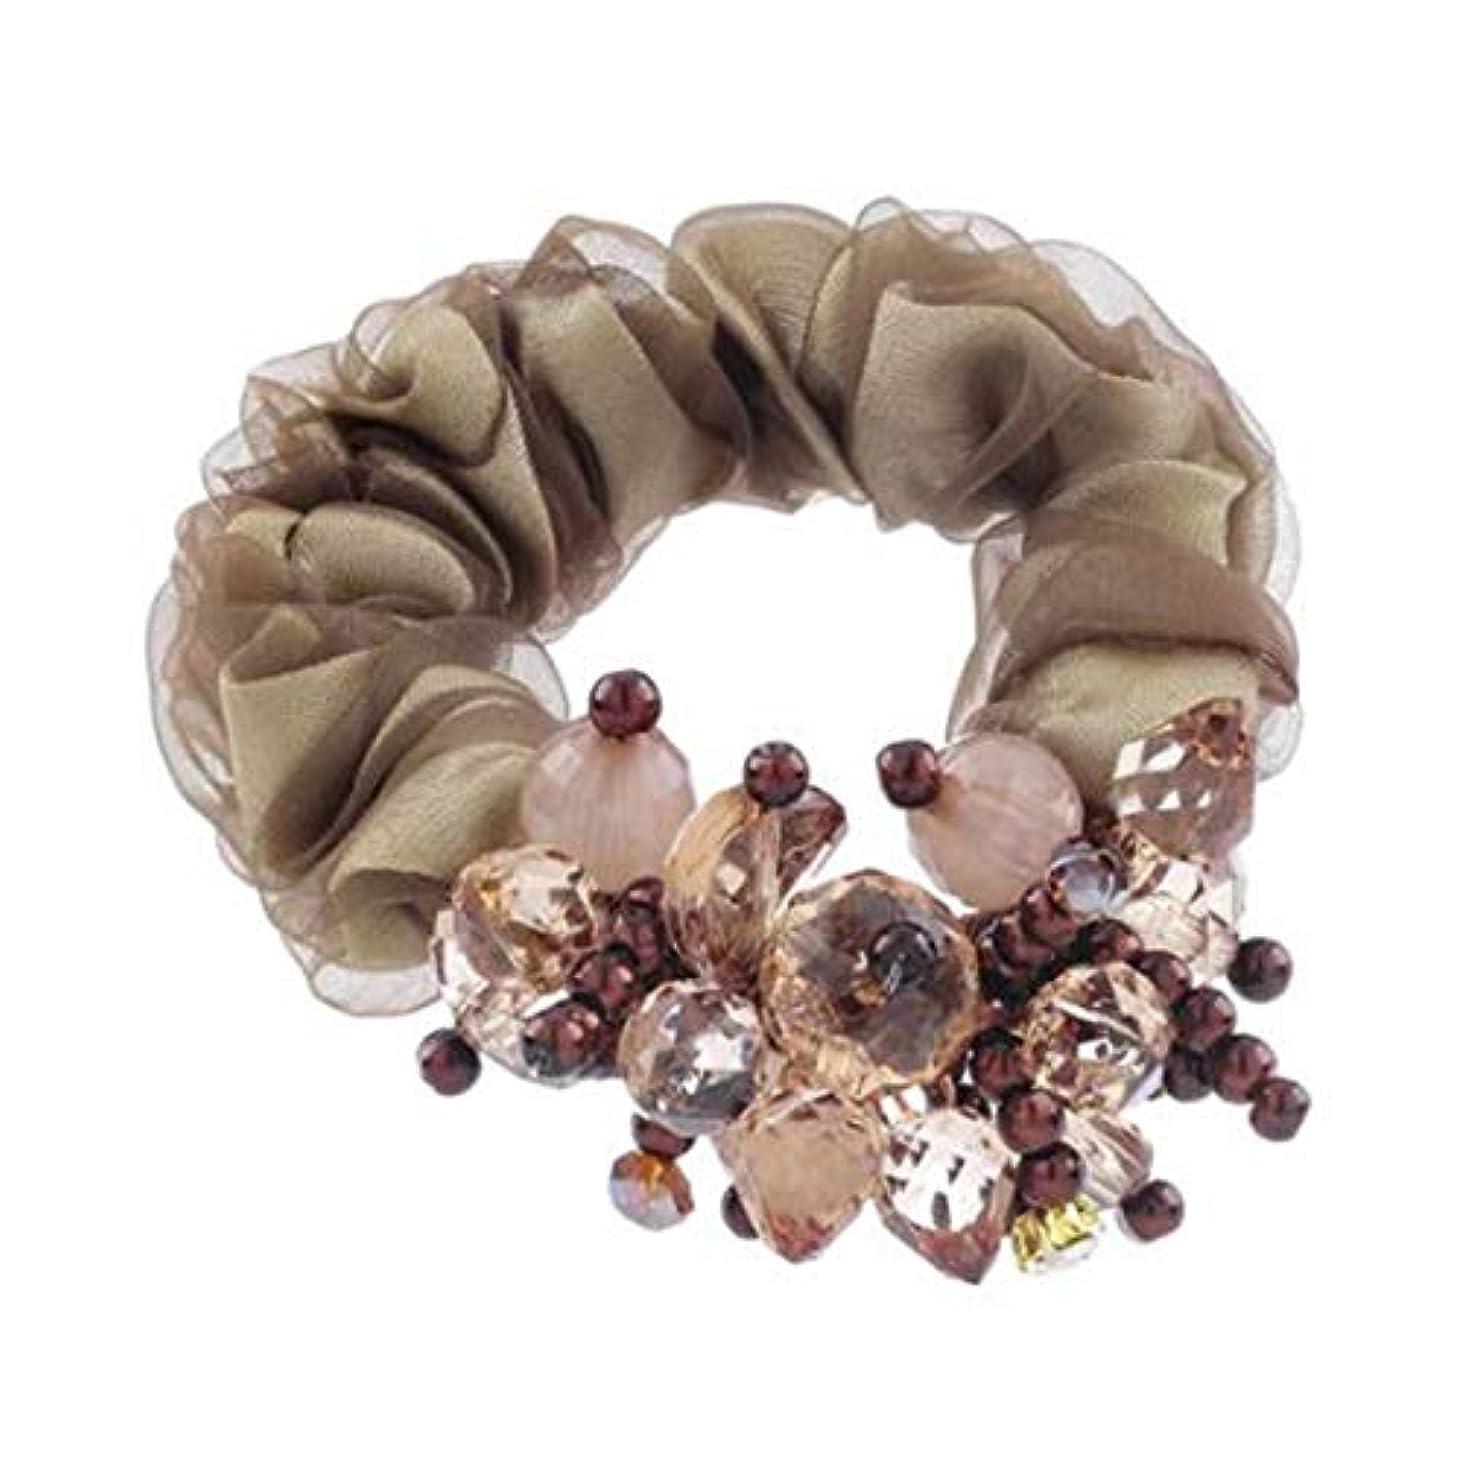 素子生き残り特別にヘアクリップ、ヘアピン、ヘアグリップ、ヘアグリップ、ヘアアクセサリーヘアバンドヘアーロープヘアネクタイヘアバンドラバーバンドヘッドロープ女性ヘッドジュエリーアダルトプレート髪純色ビーズ第三の花の色 (Color : Brown)